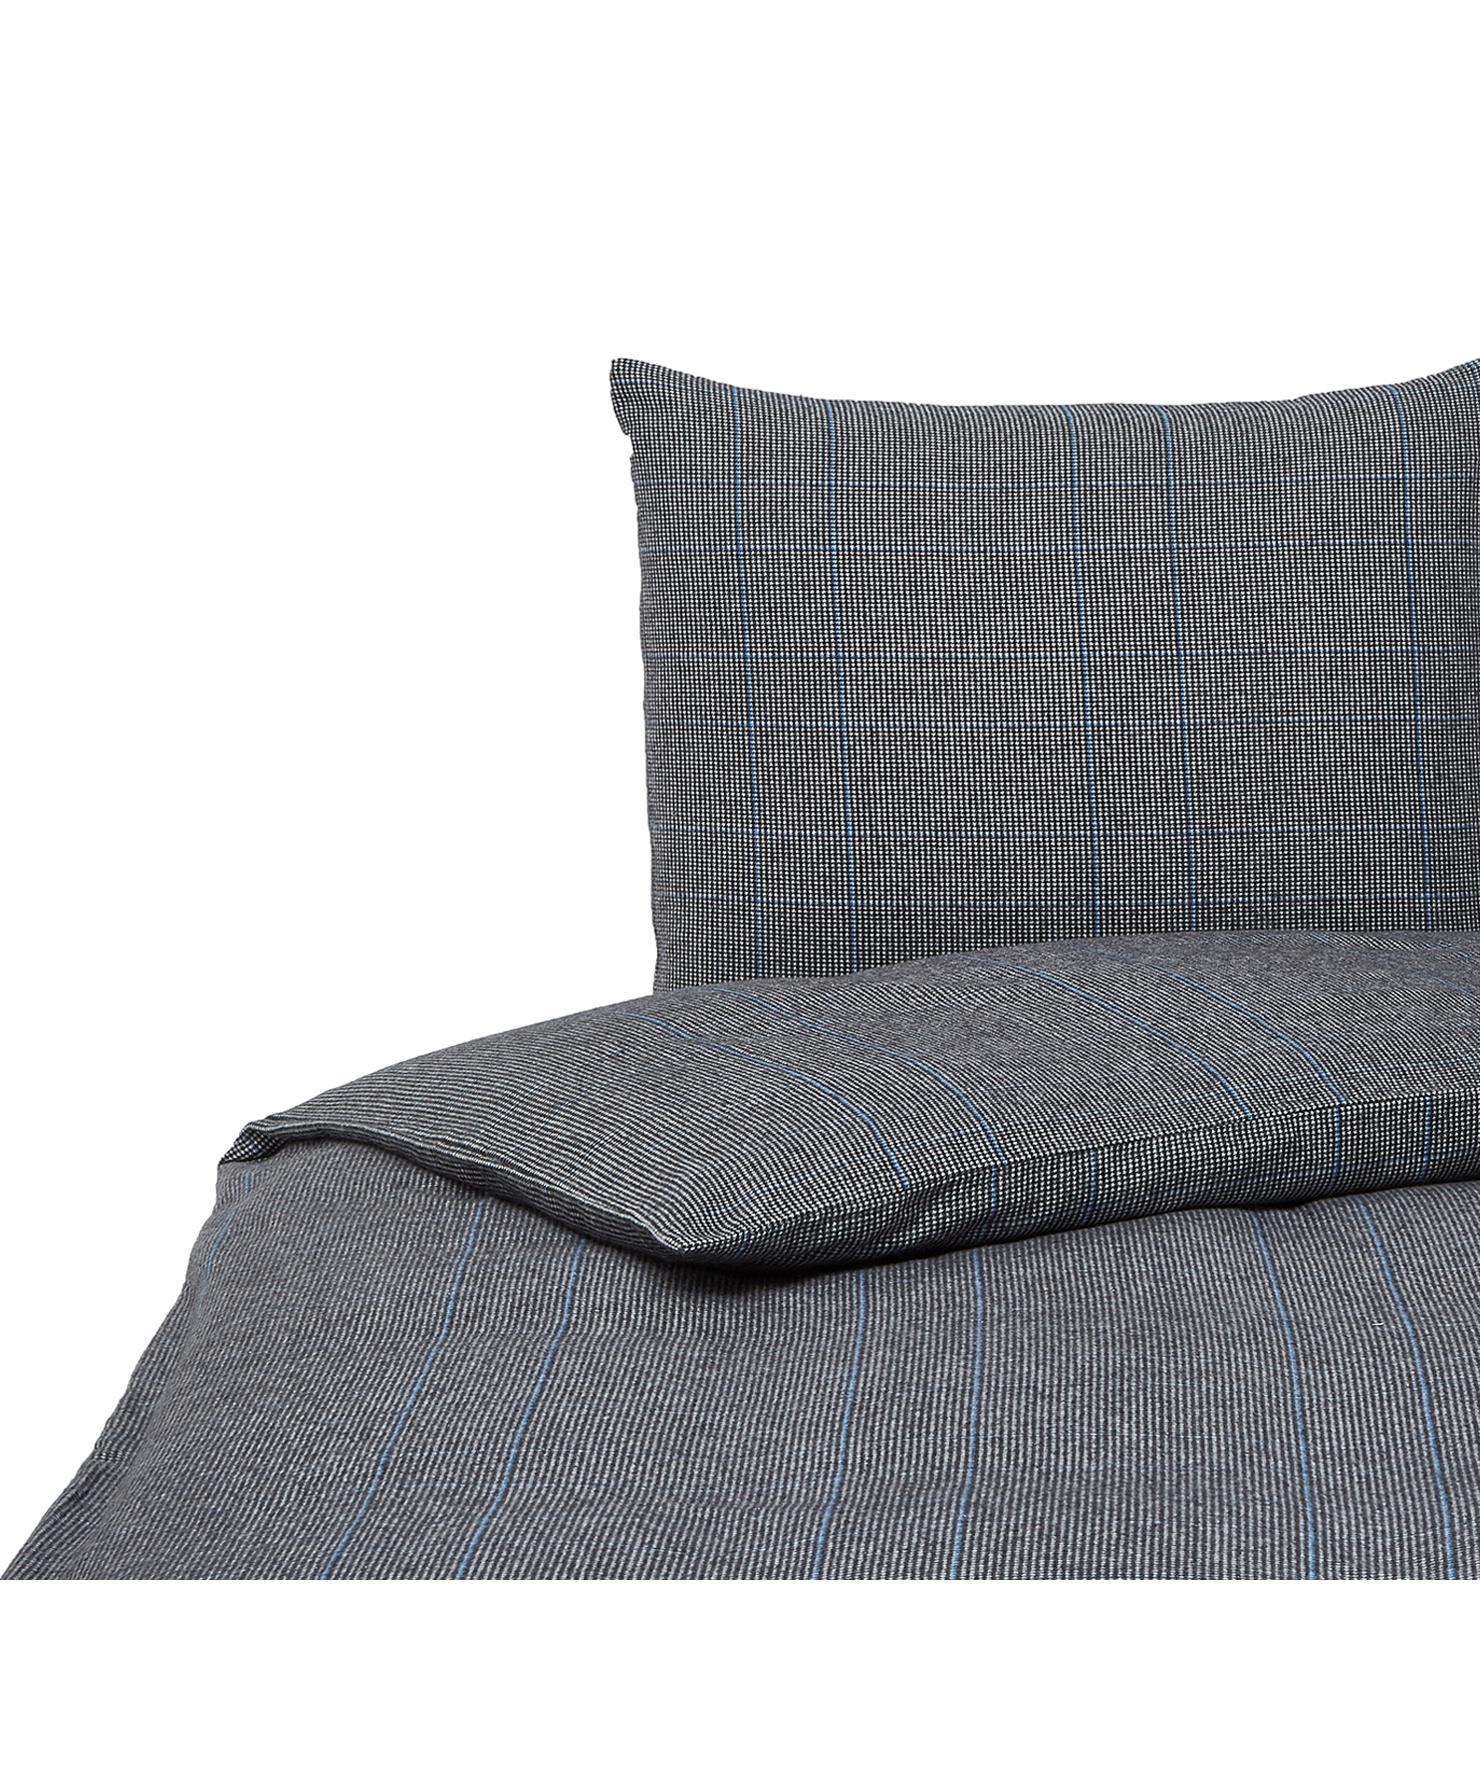 Flanell-Bettwäsche Jason mit Hahnentritt Muster, Webart: Flanell Fadendichte 170 T, Schwarz, Weiß, Blau, 135 x 200 cm + 1 Kissen 80 x 80 cm